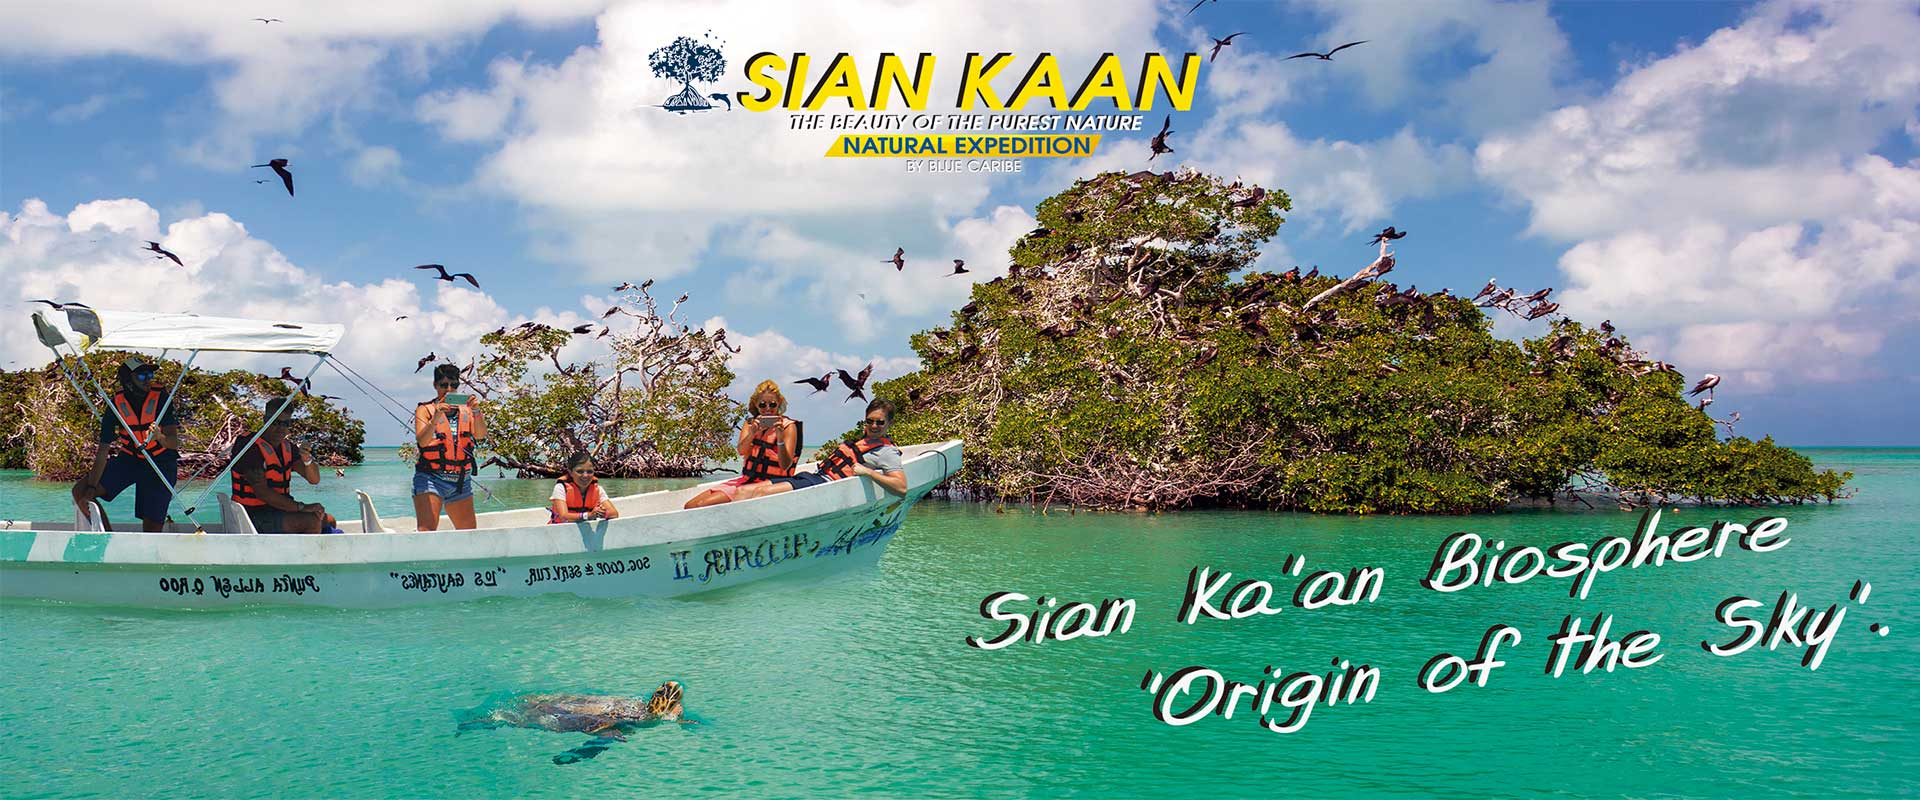 Tour Sian Kaan